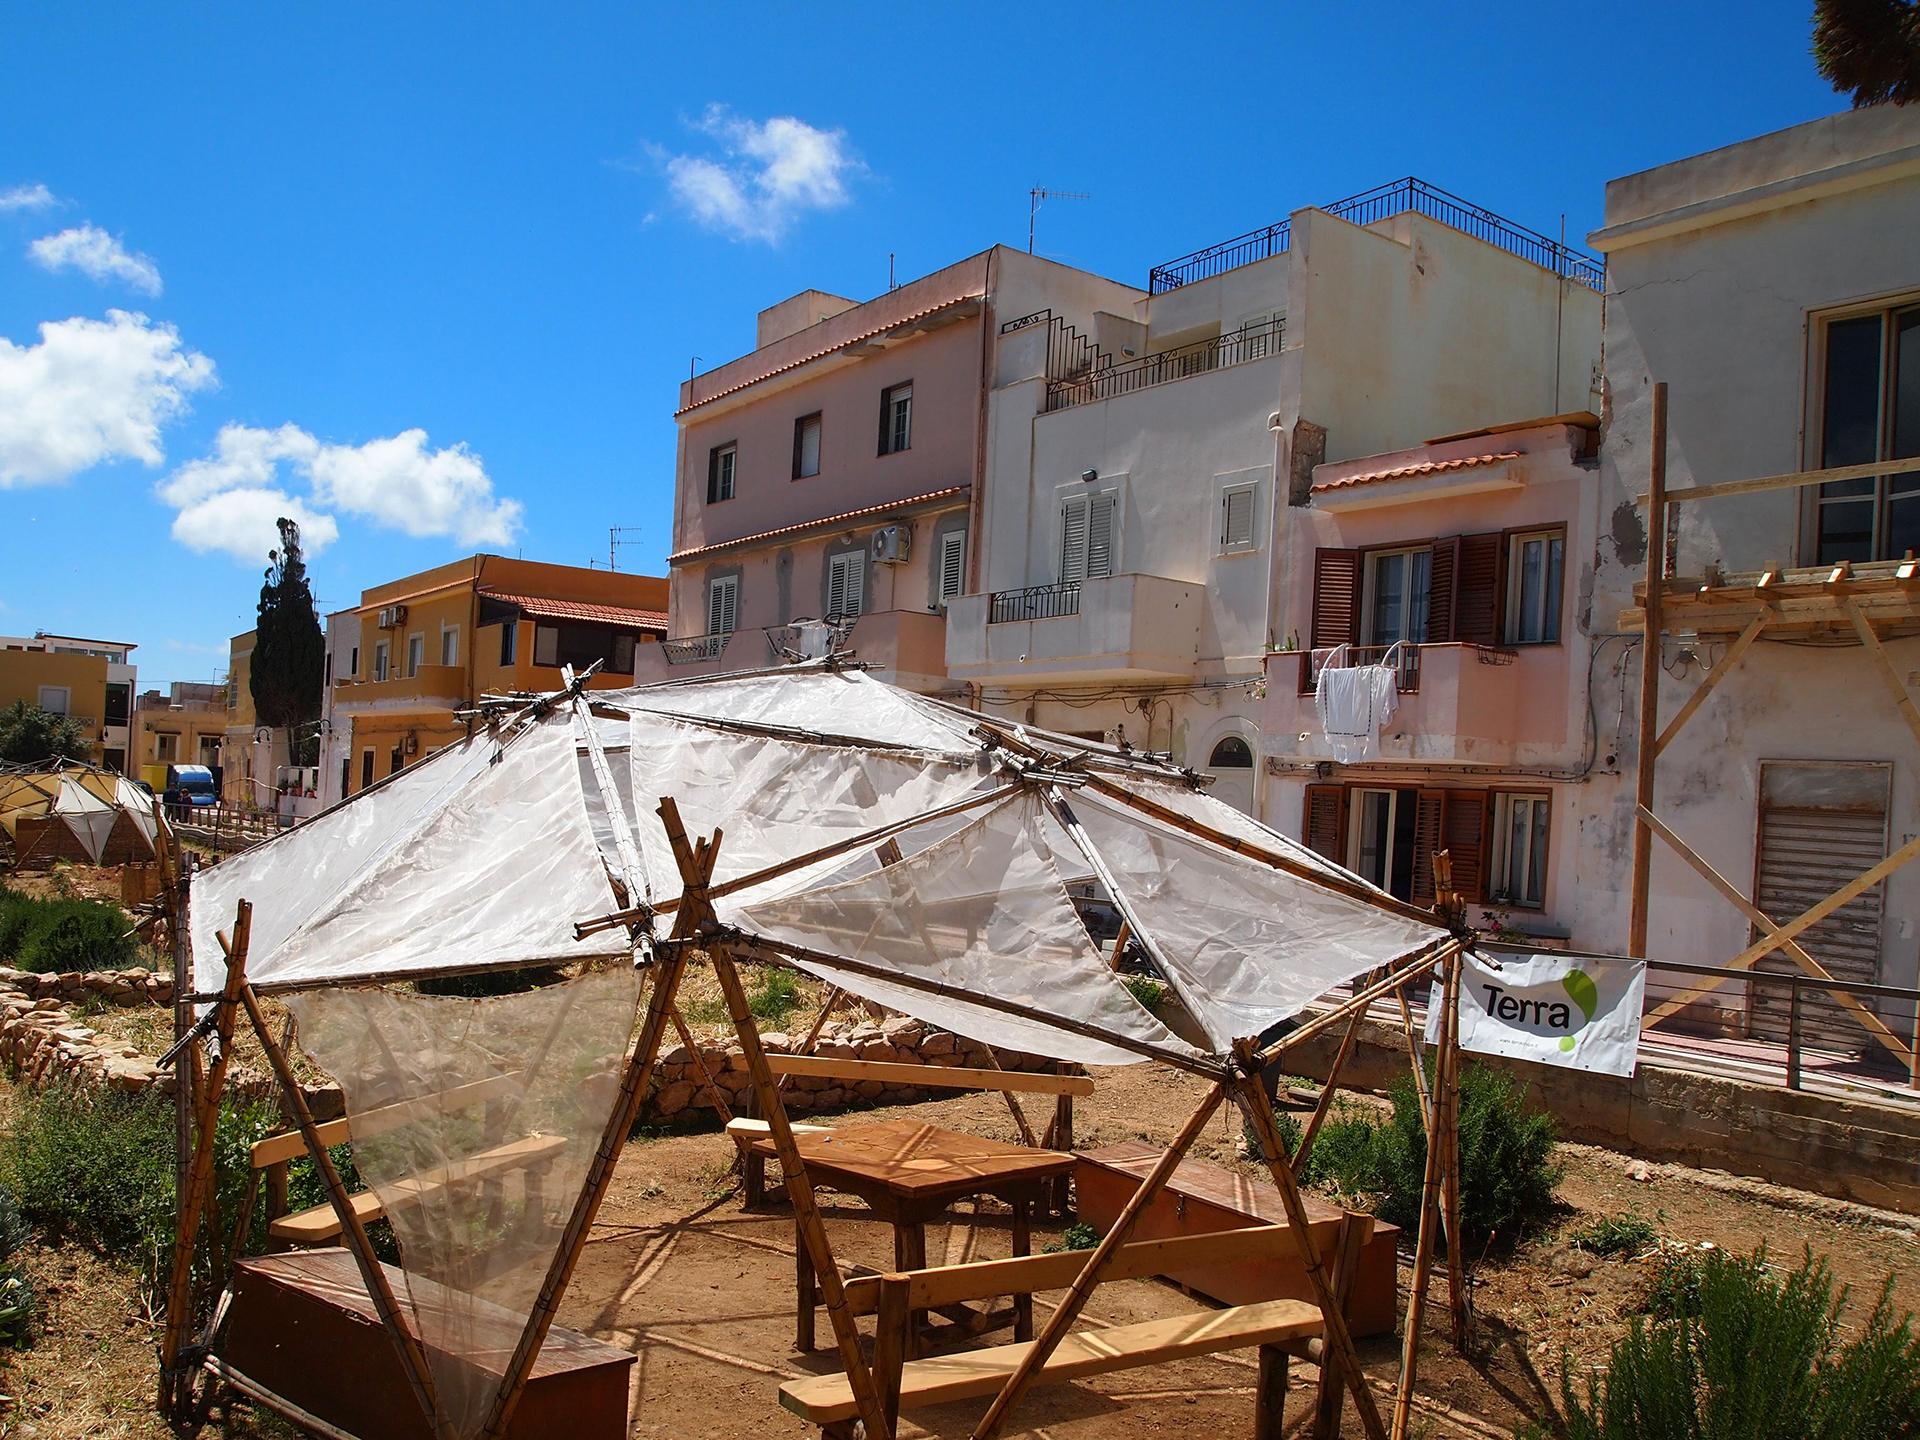 P'Orto di Lampedusa